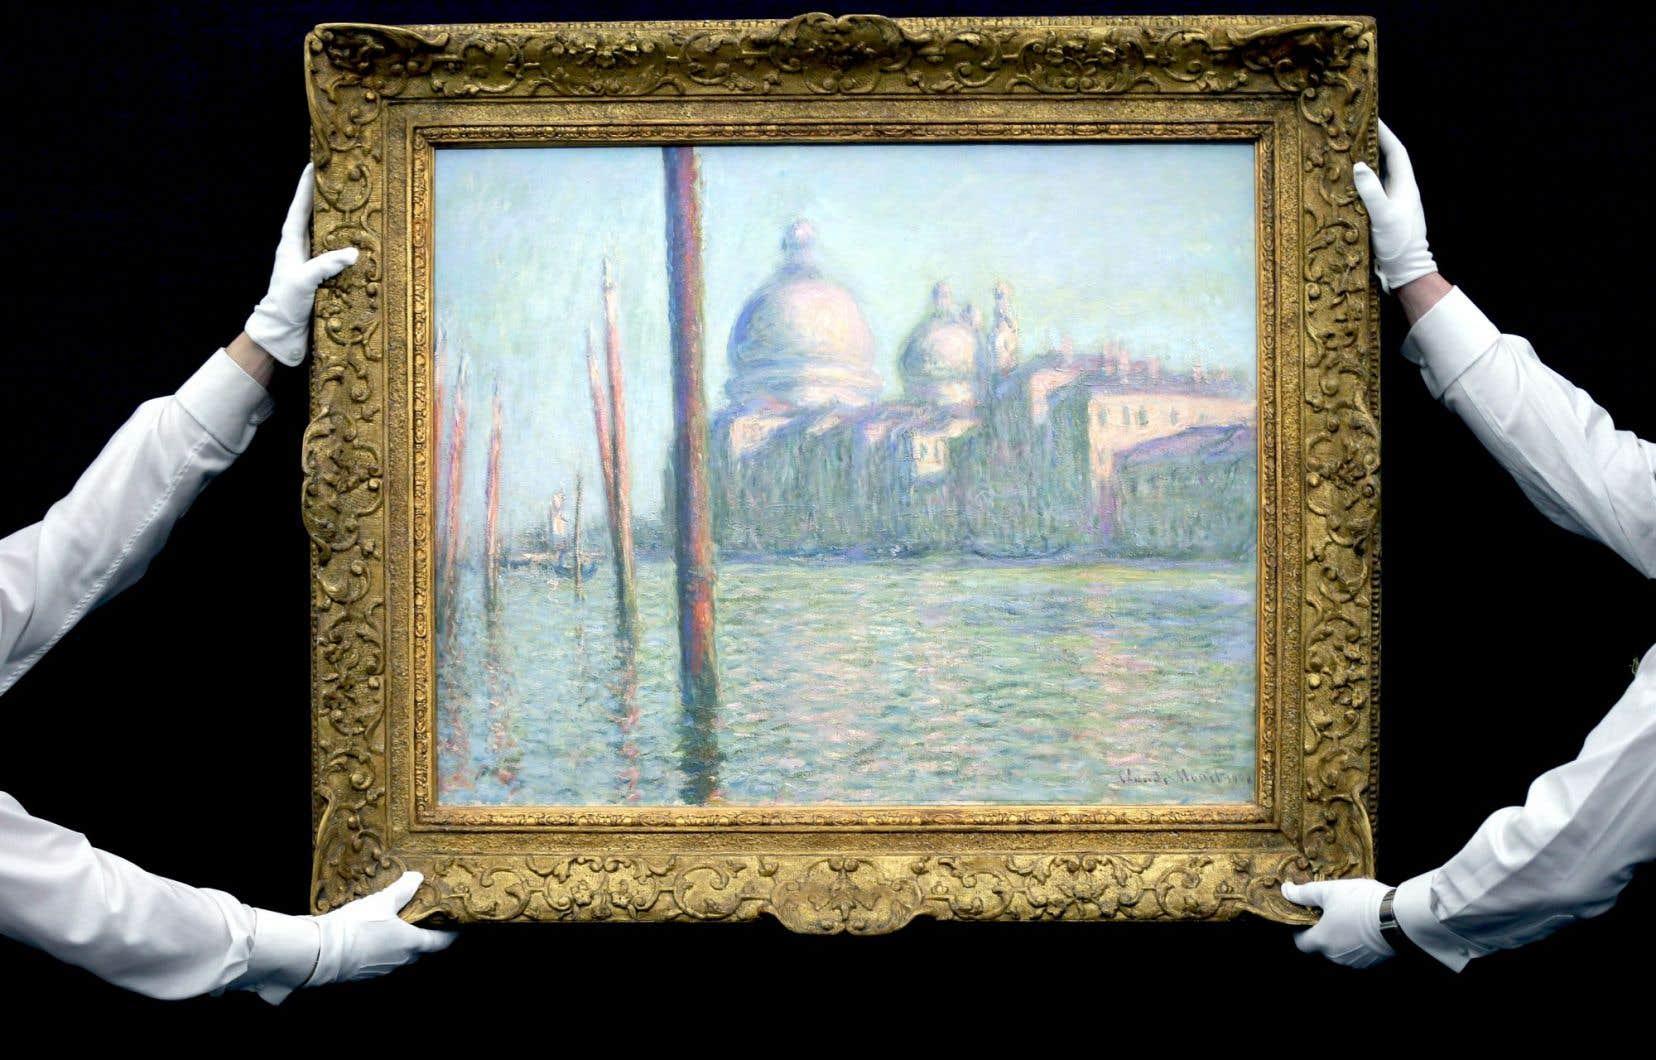 Des employés de Sotheby's présentent une toile de Claude Monet qui a été acquise au coût de 44millions de dollars.